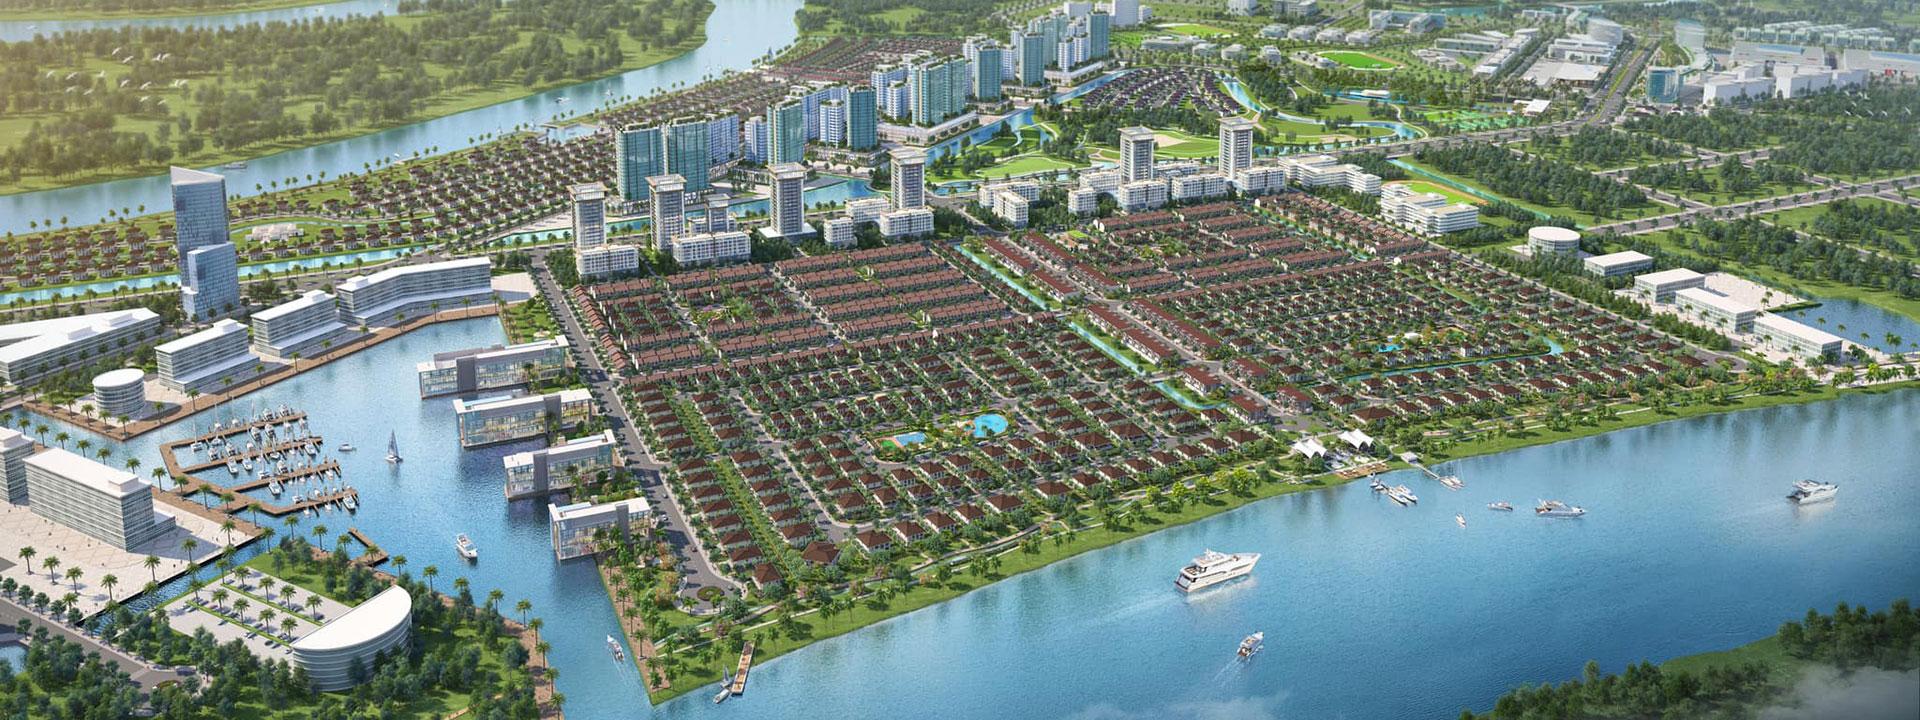 Khu đô thị Waterpoint tọa lạc tại tỉnh Lộ 830, huyện Bến Lức, Long An. Quy mô lên đến 355h